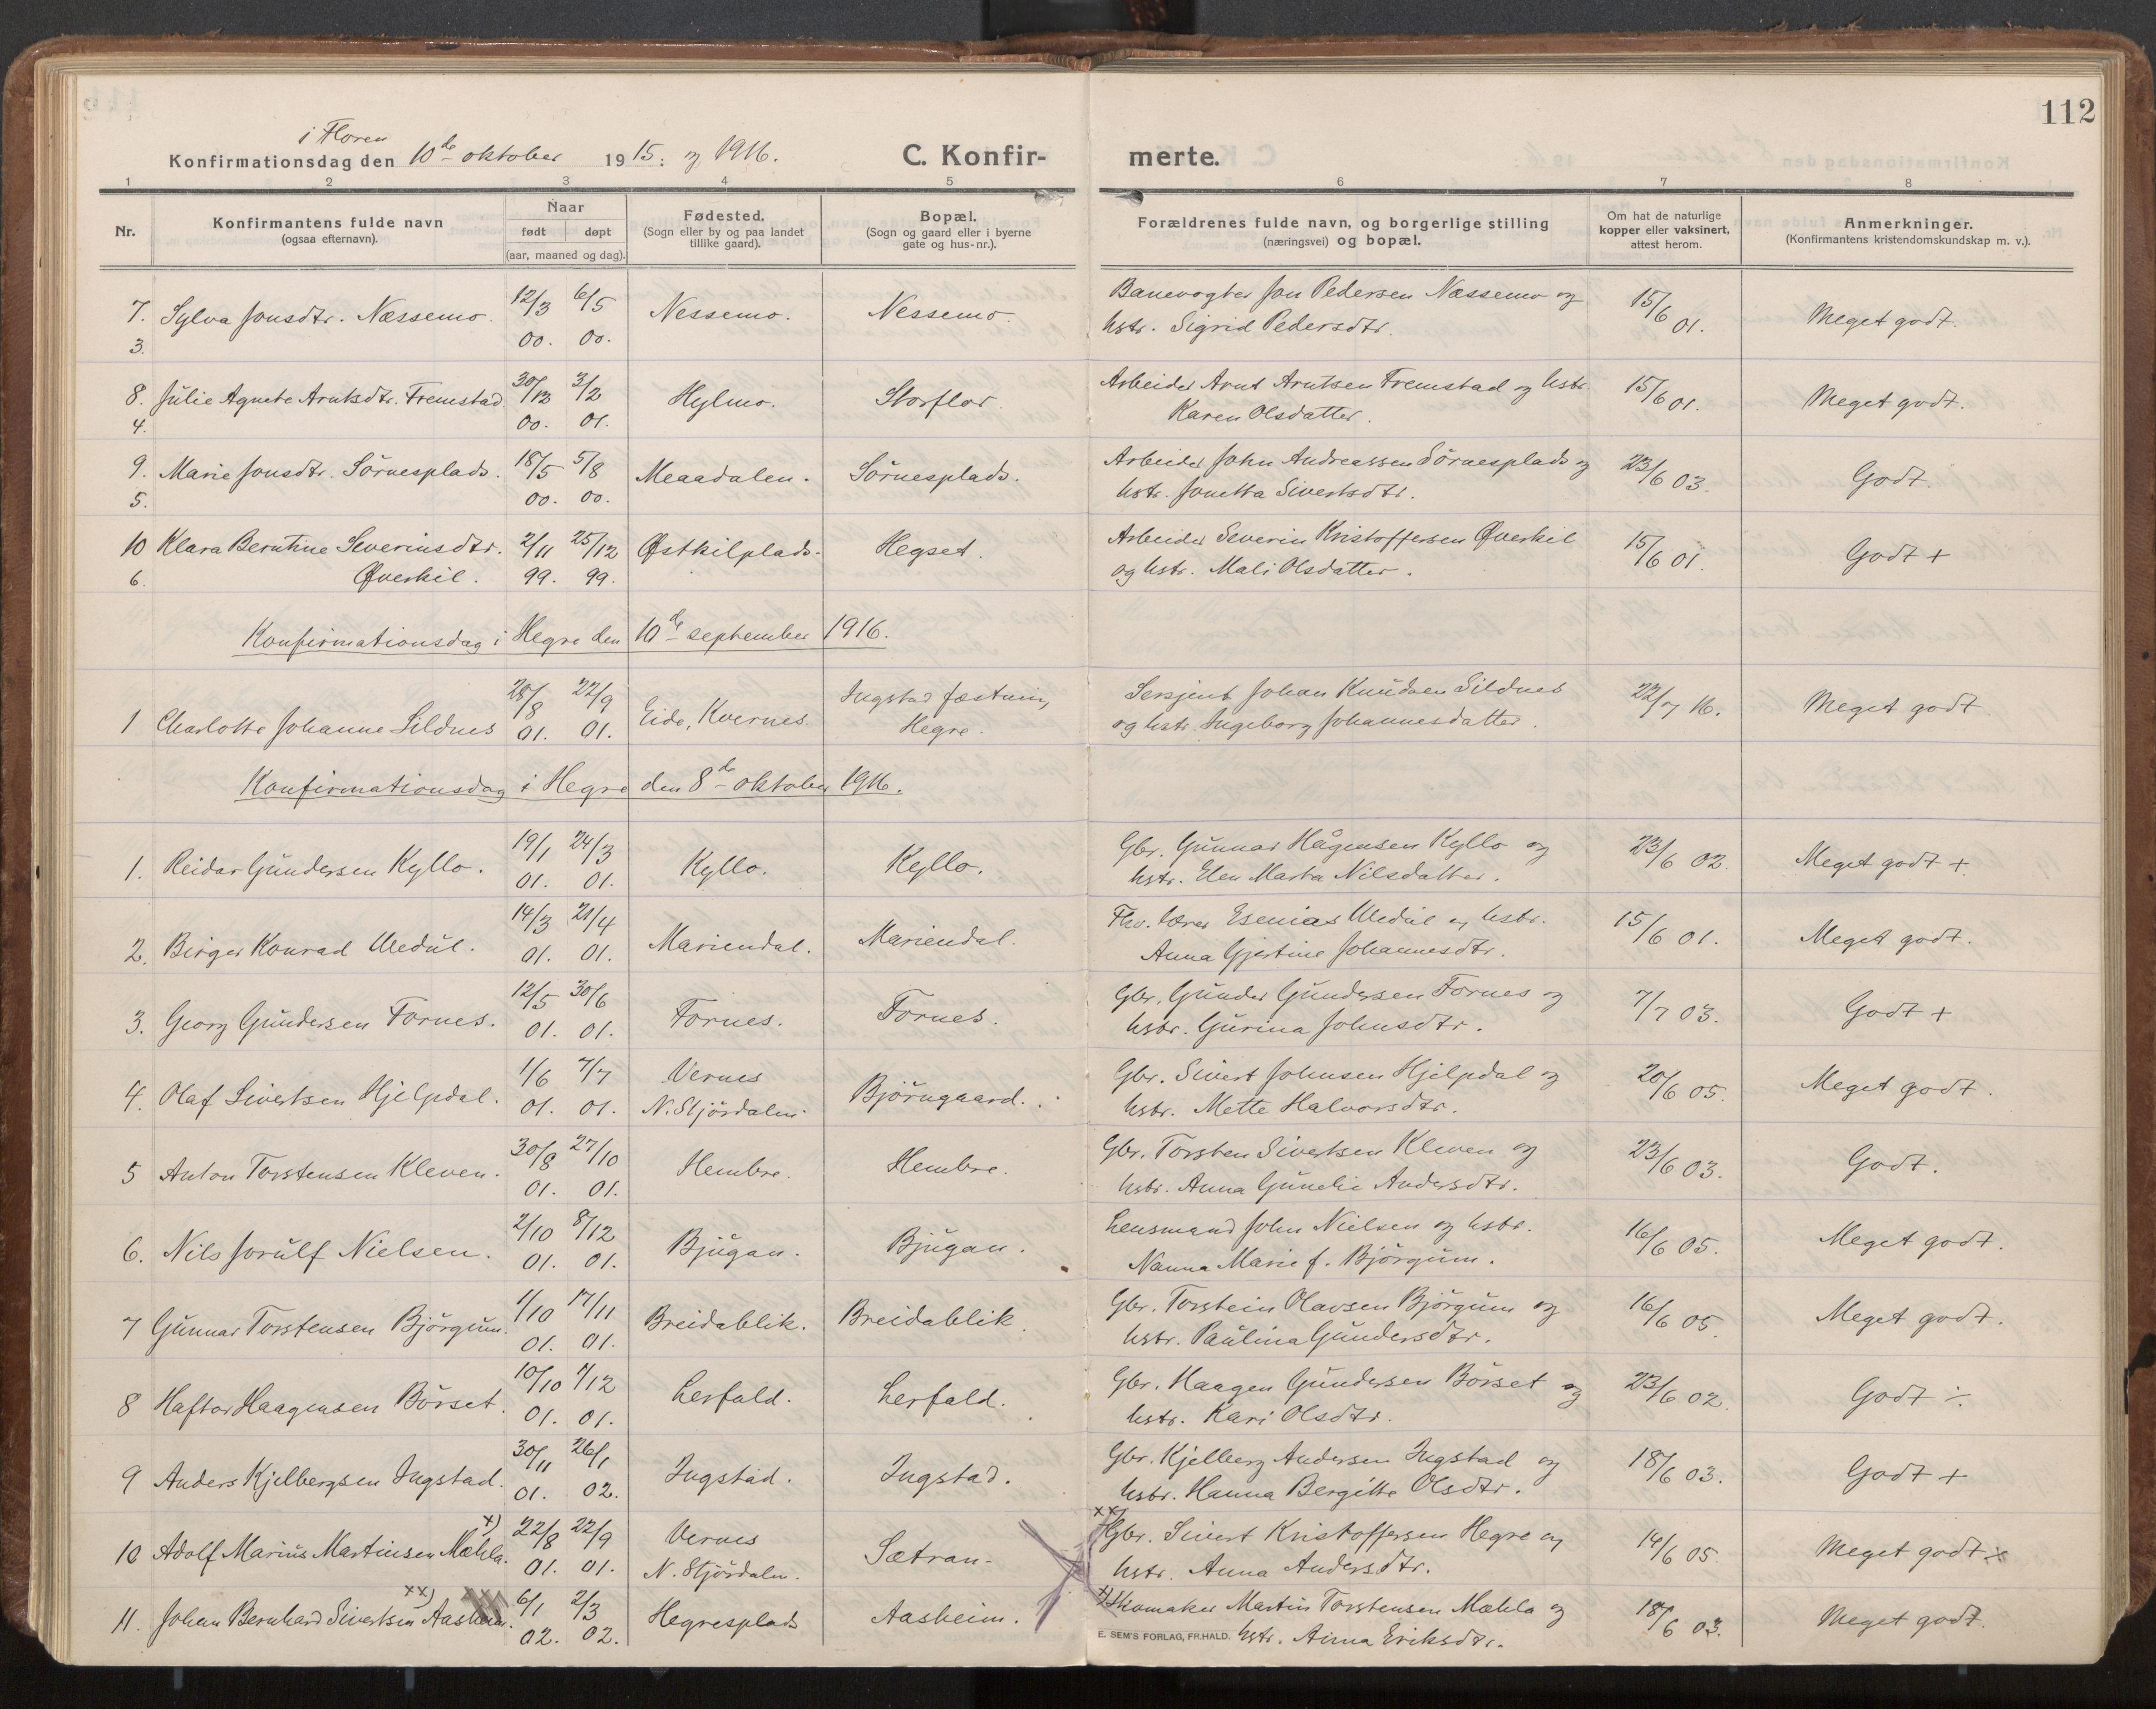 SAT, Ministerialprotokoller, klokkerbøker og fødselsregistre - Nord-Trøndelag, 703/L0037: Parish register (official) no. 703A10, 1915-1932, p. 112